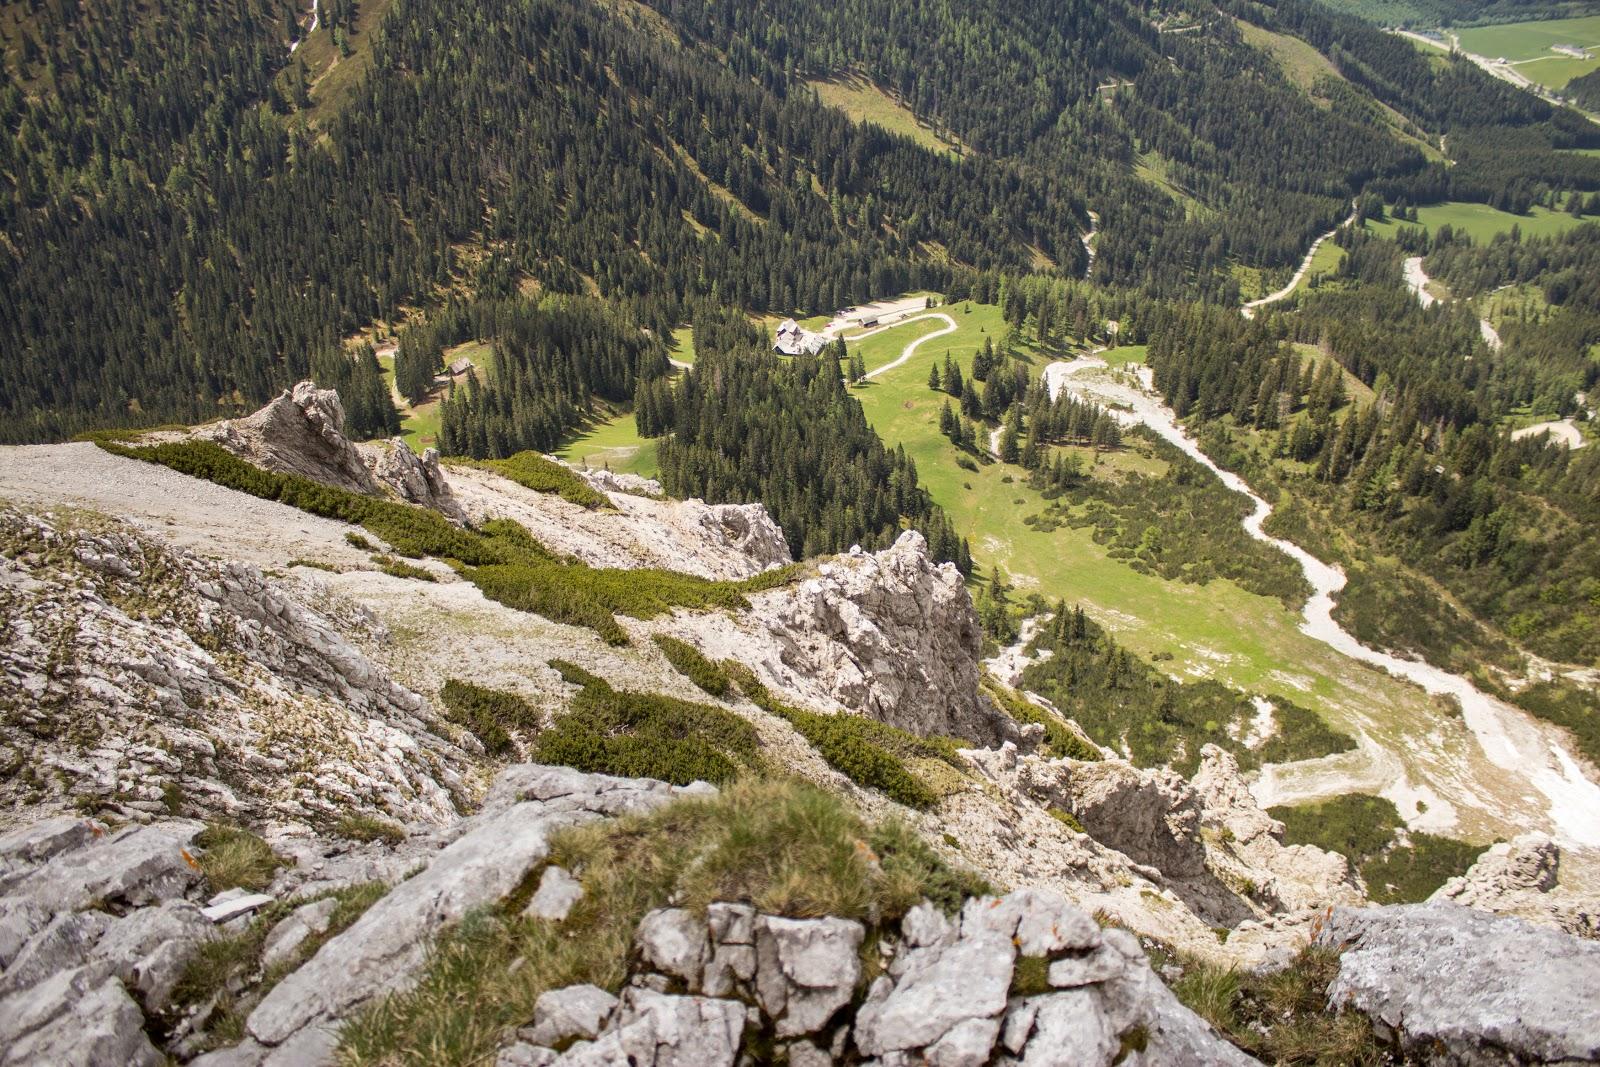 Mittelschwere Bergtour auf den Kalbling und Sparafeld im Gesäuse - Wanderung in der Steiermark